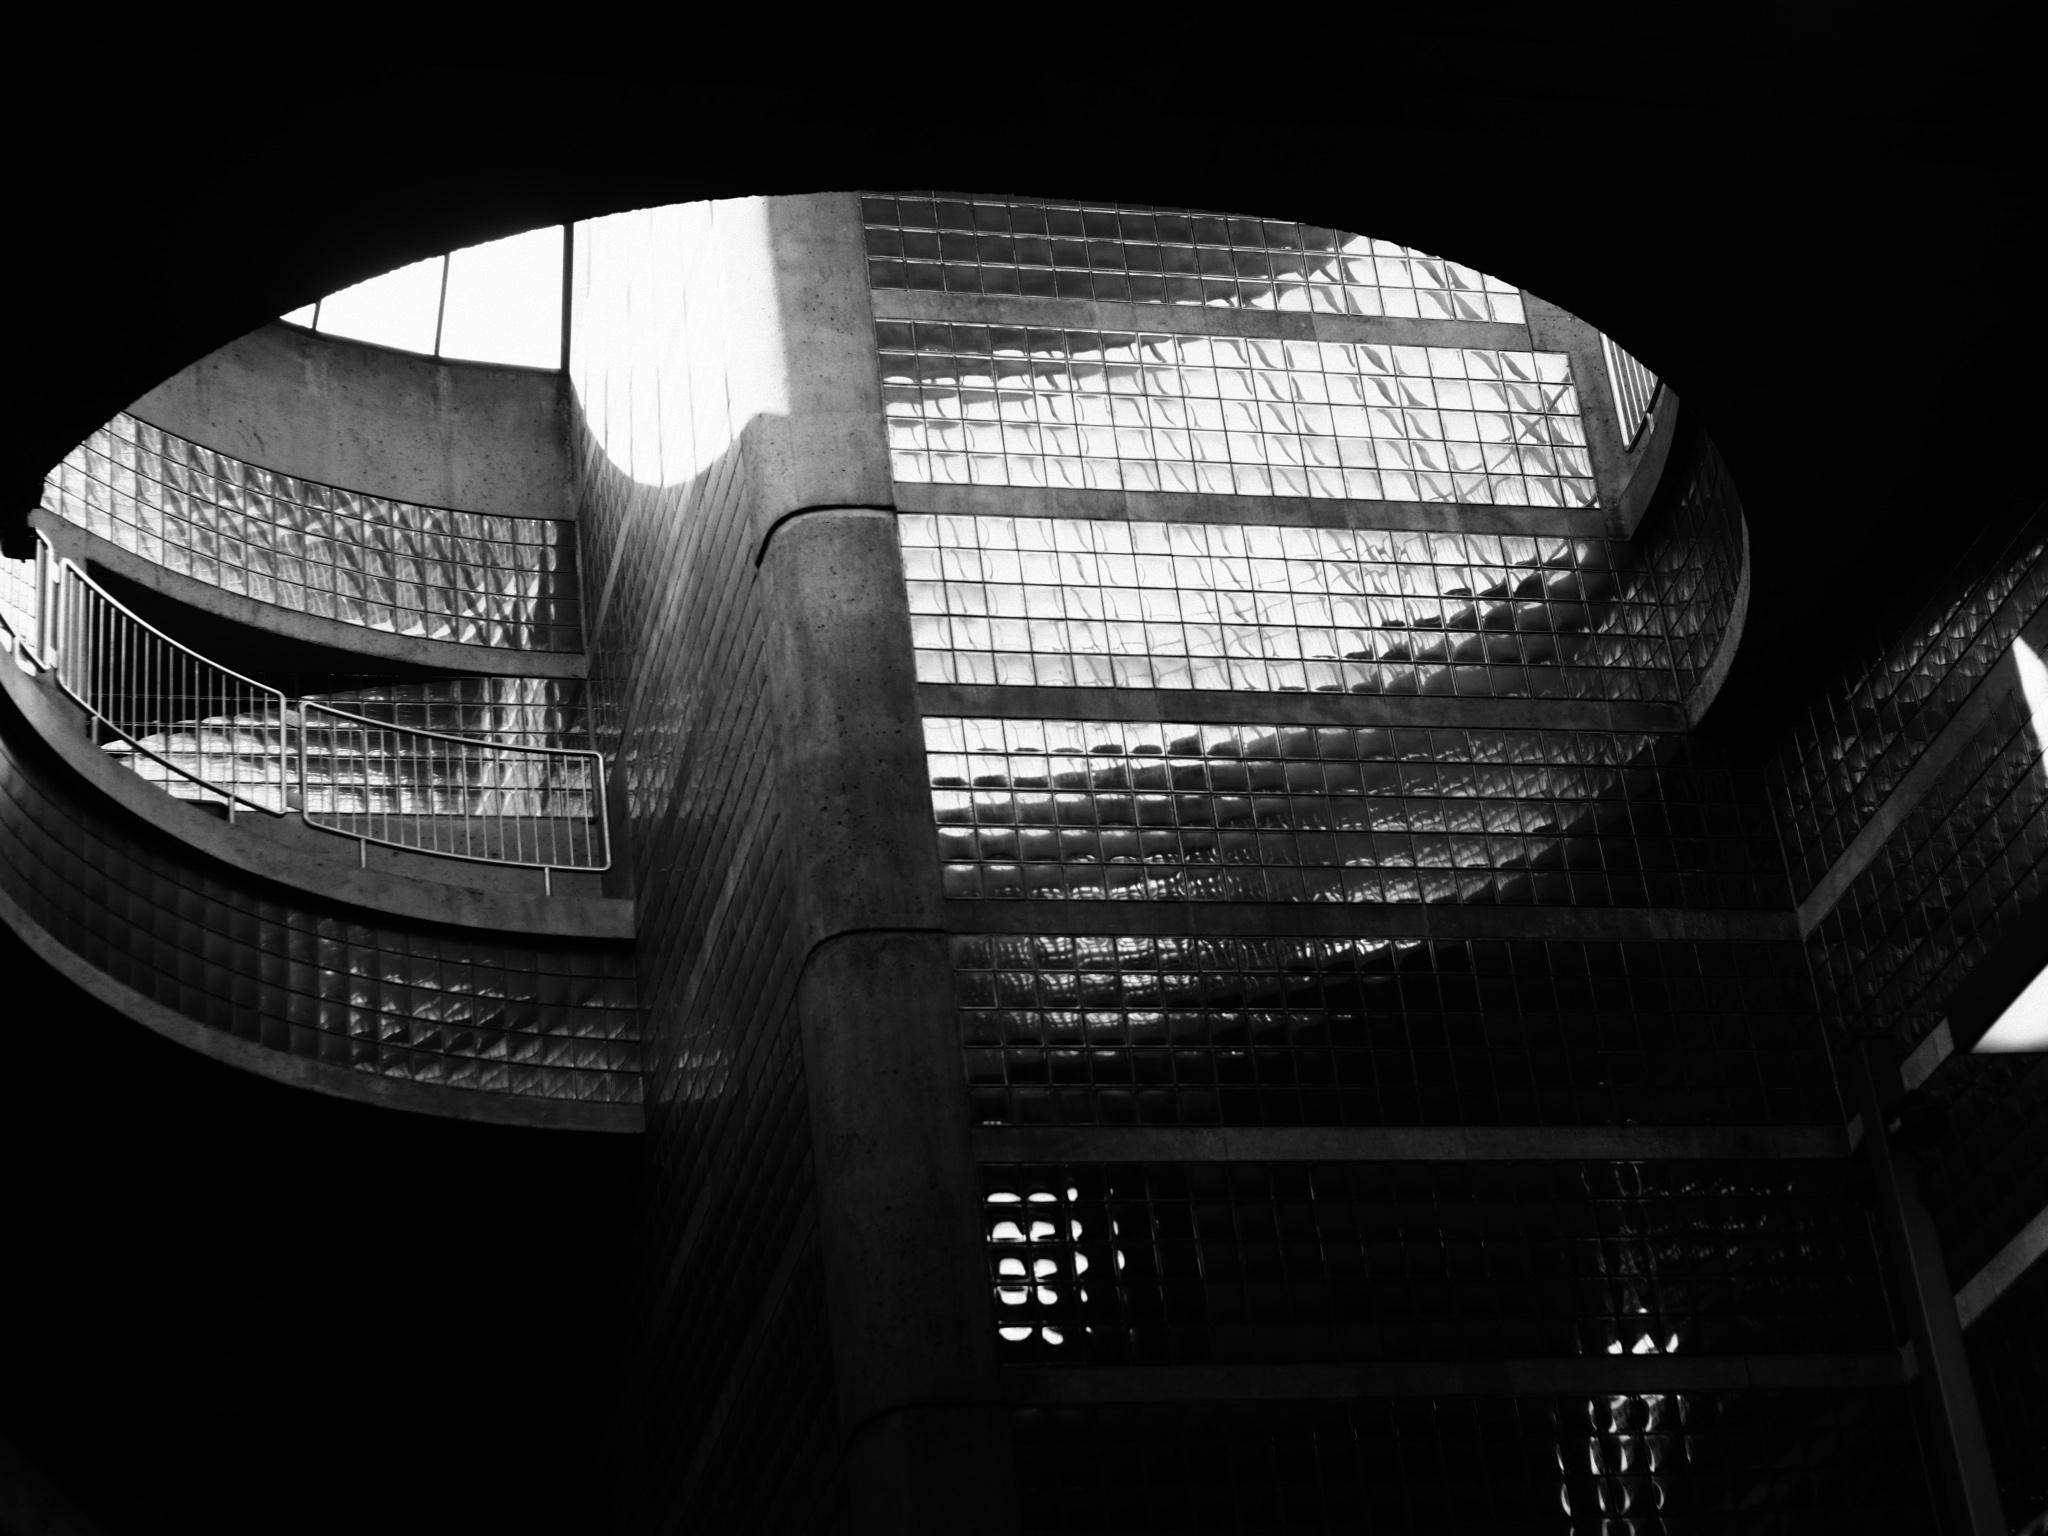 lenoxshotit photography black and white montreal subway 2018.jpg